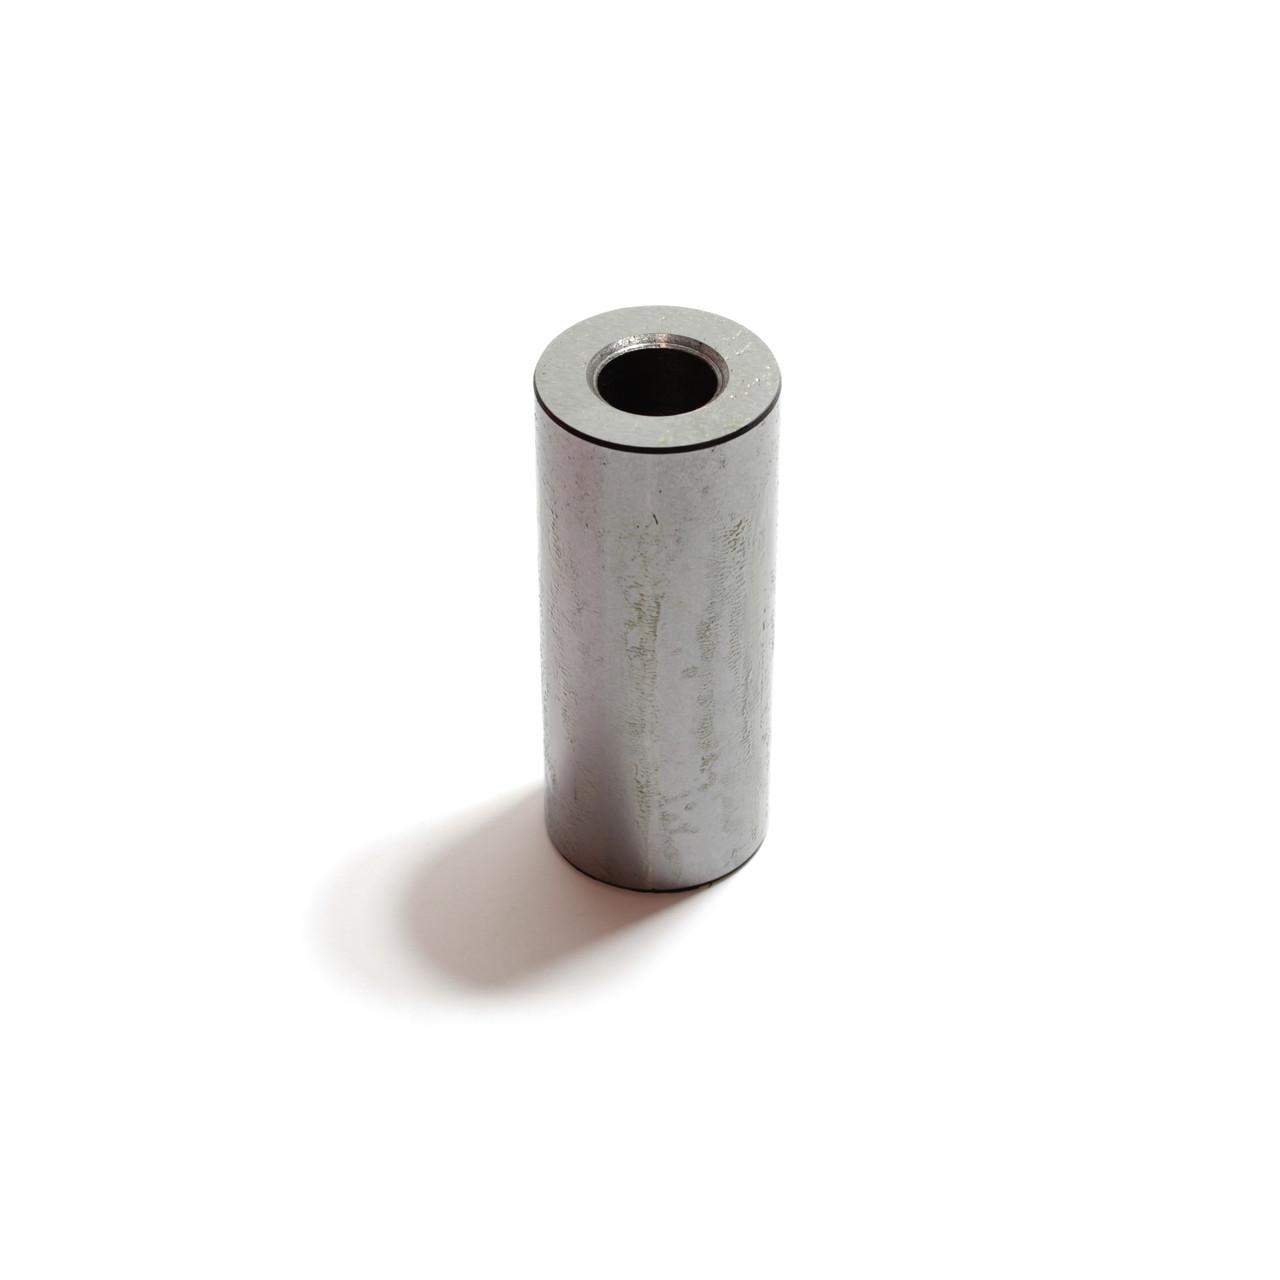 Палец поршневой СМД-18 СМД9-0306-А1 (⌀ 42 мм)